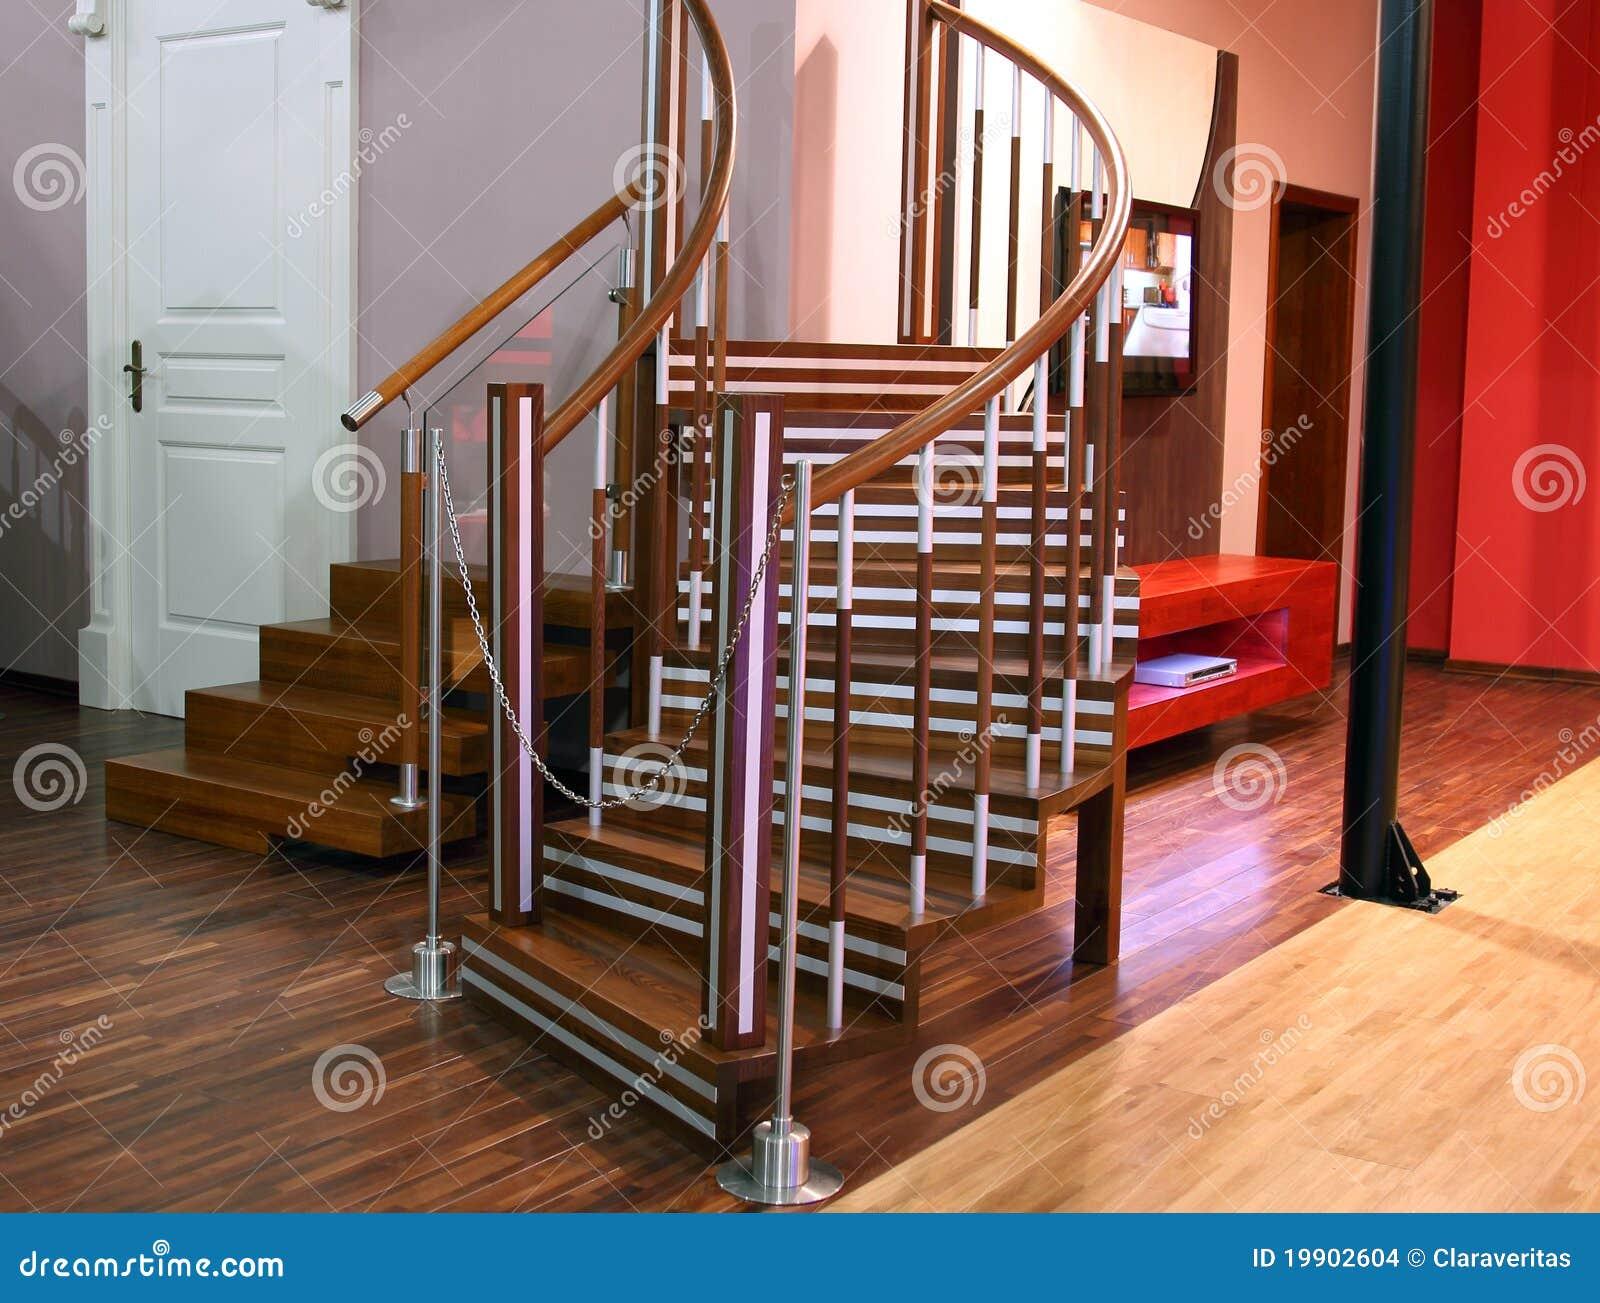 Escaleras modernas para la sala de estar foto de archivo for Salas con escaleras